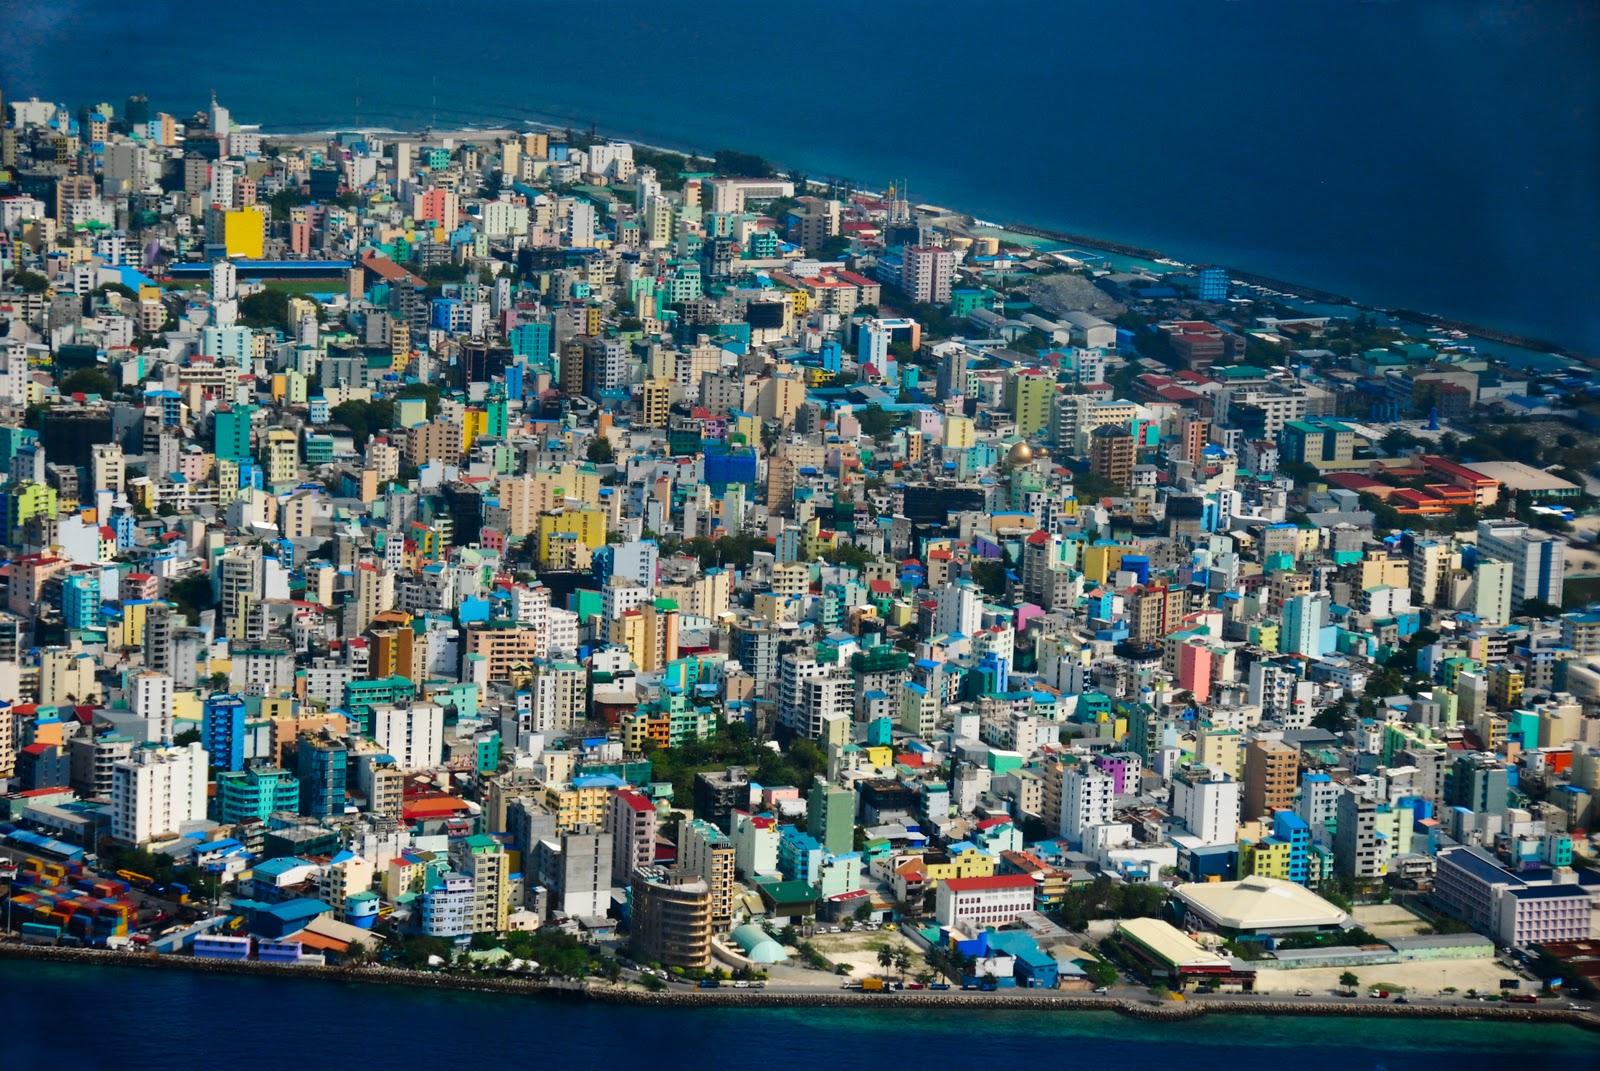 Мале - мегаполис посреди океана